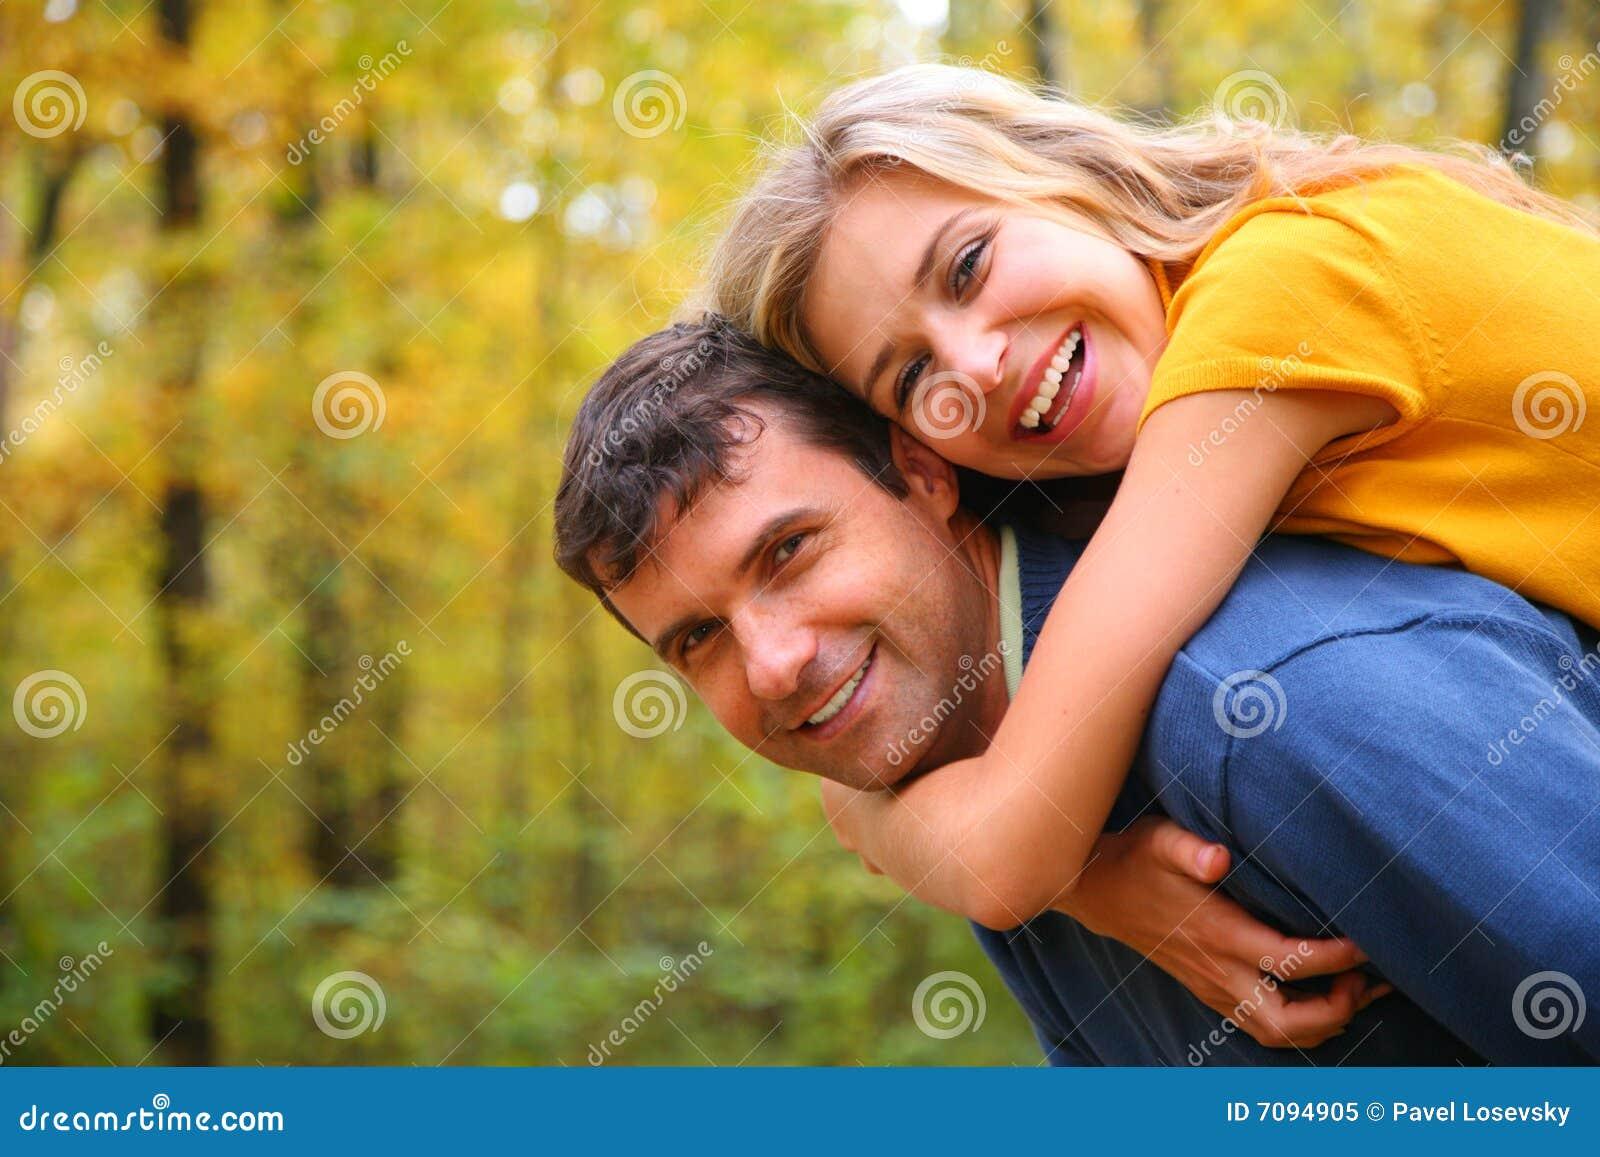 Фото семейная пара с другой парой 21 фотография